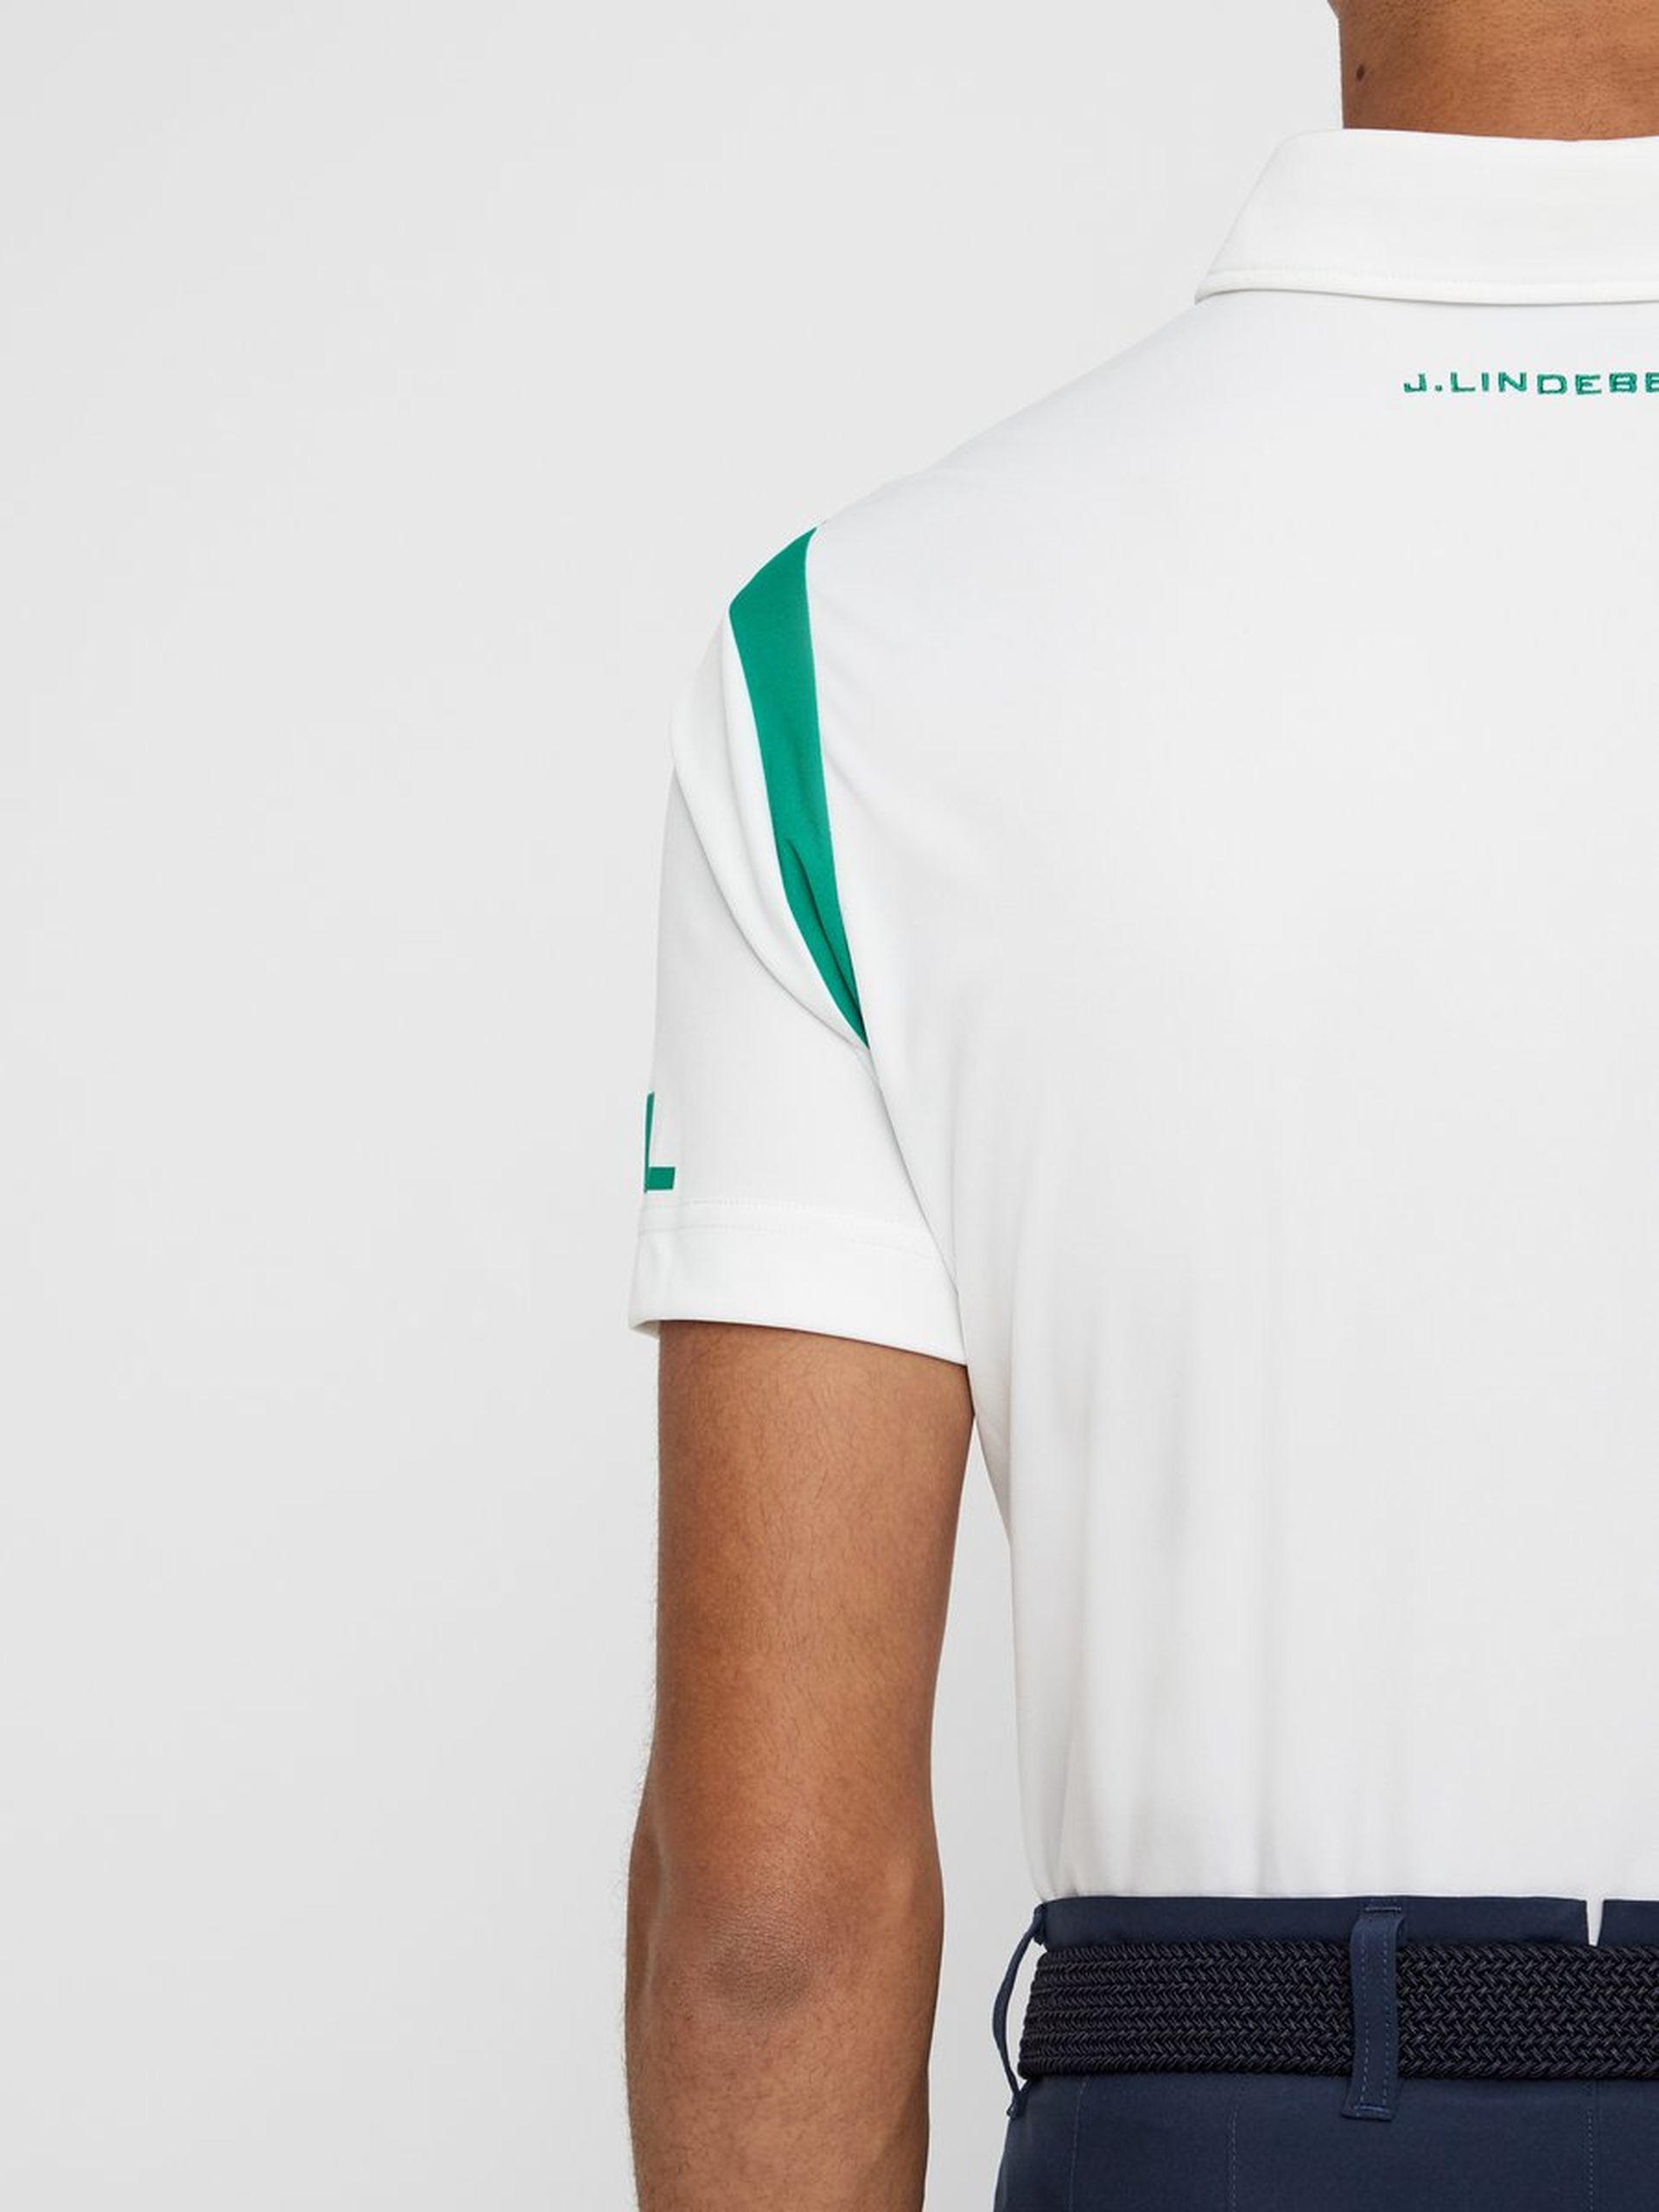 J. Lindeberg Hr. Dolph Reg Fit TX Jersey Poloshirt weiß